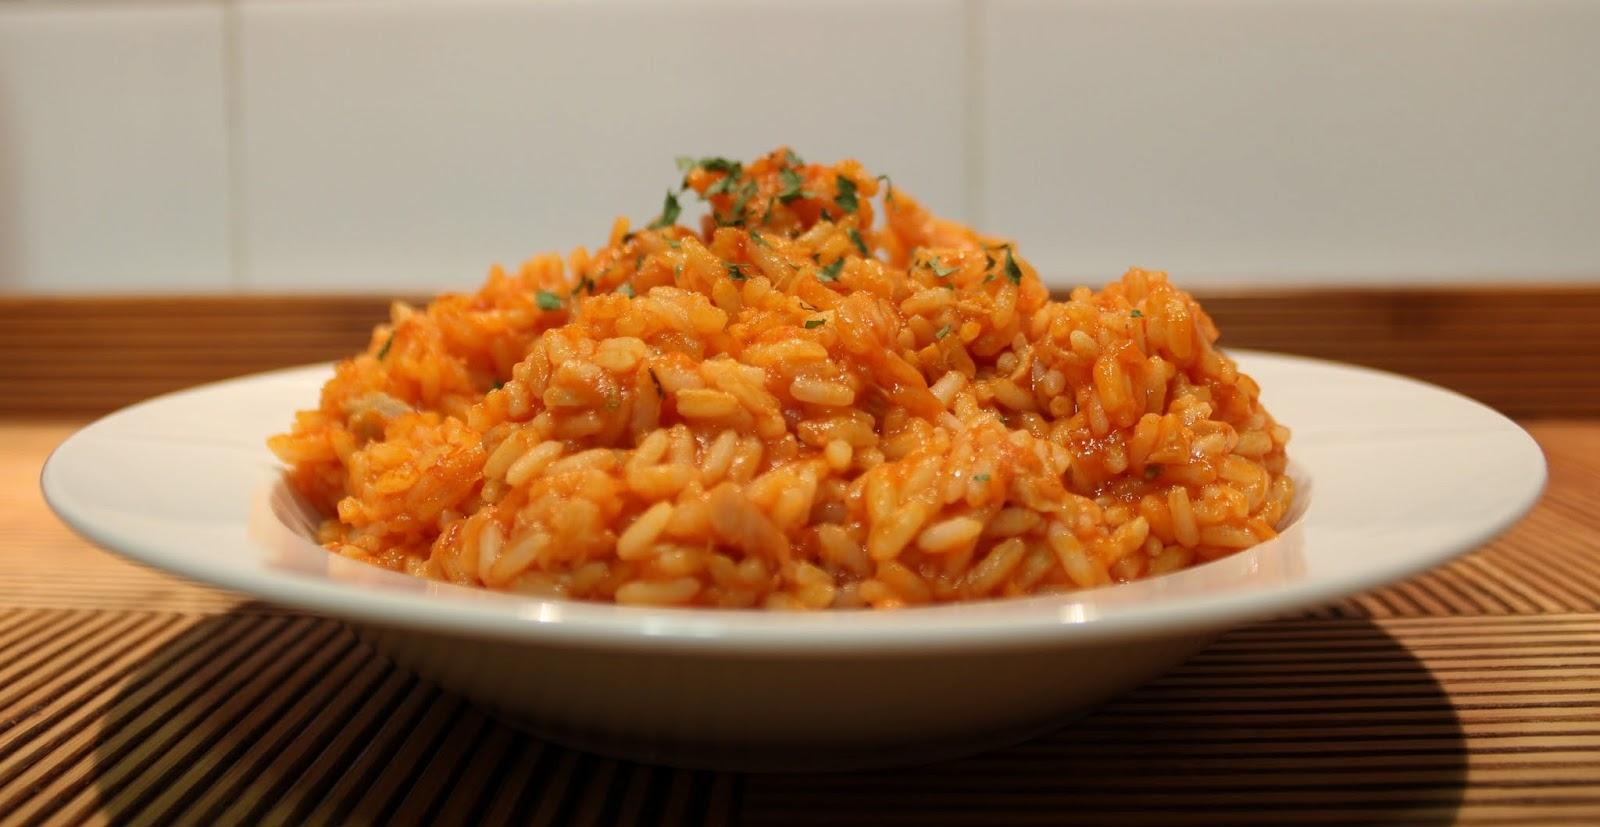 arroz atún y tomate frito